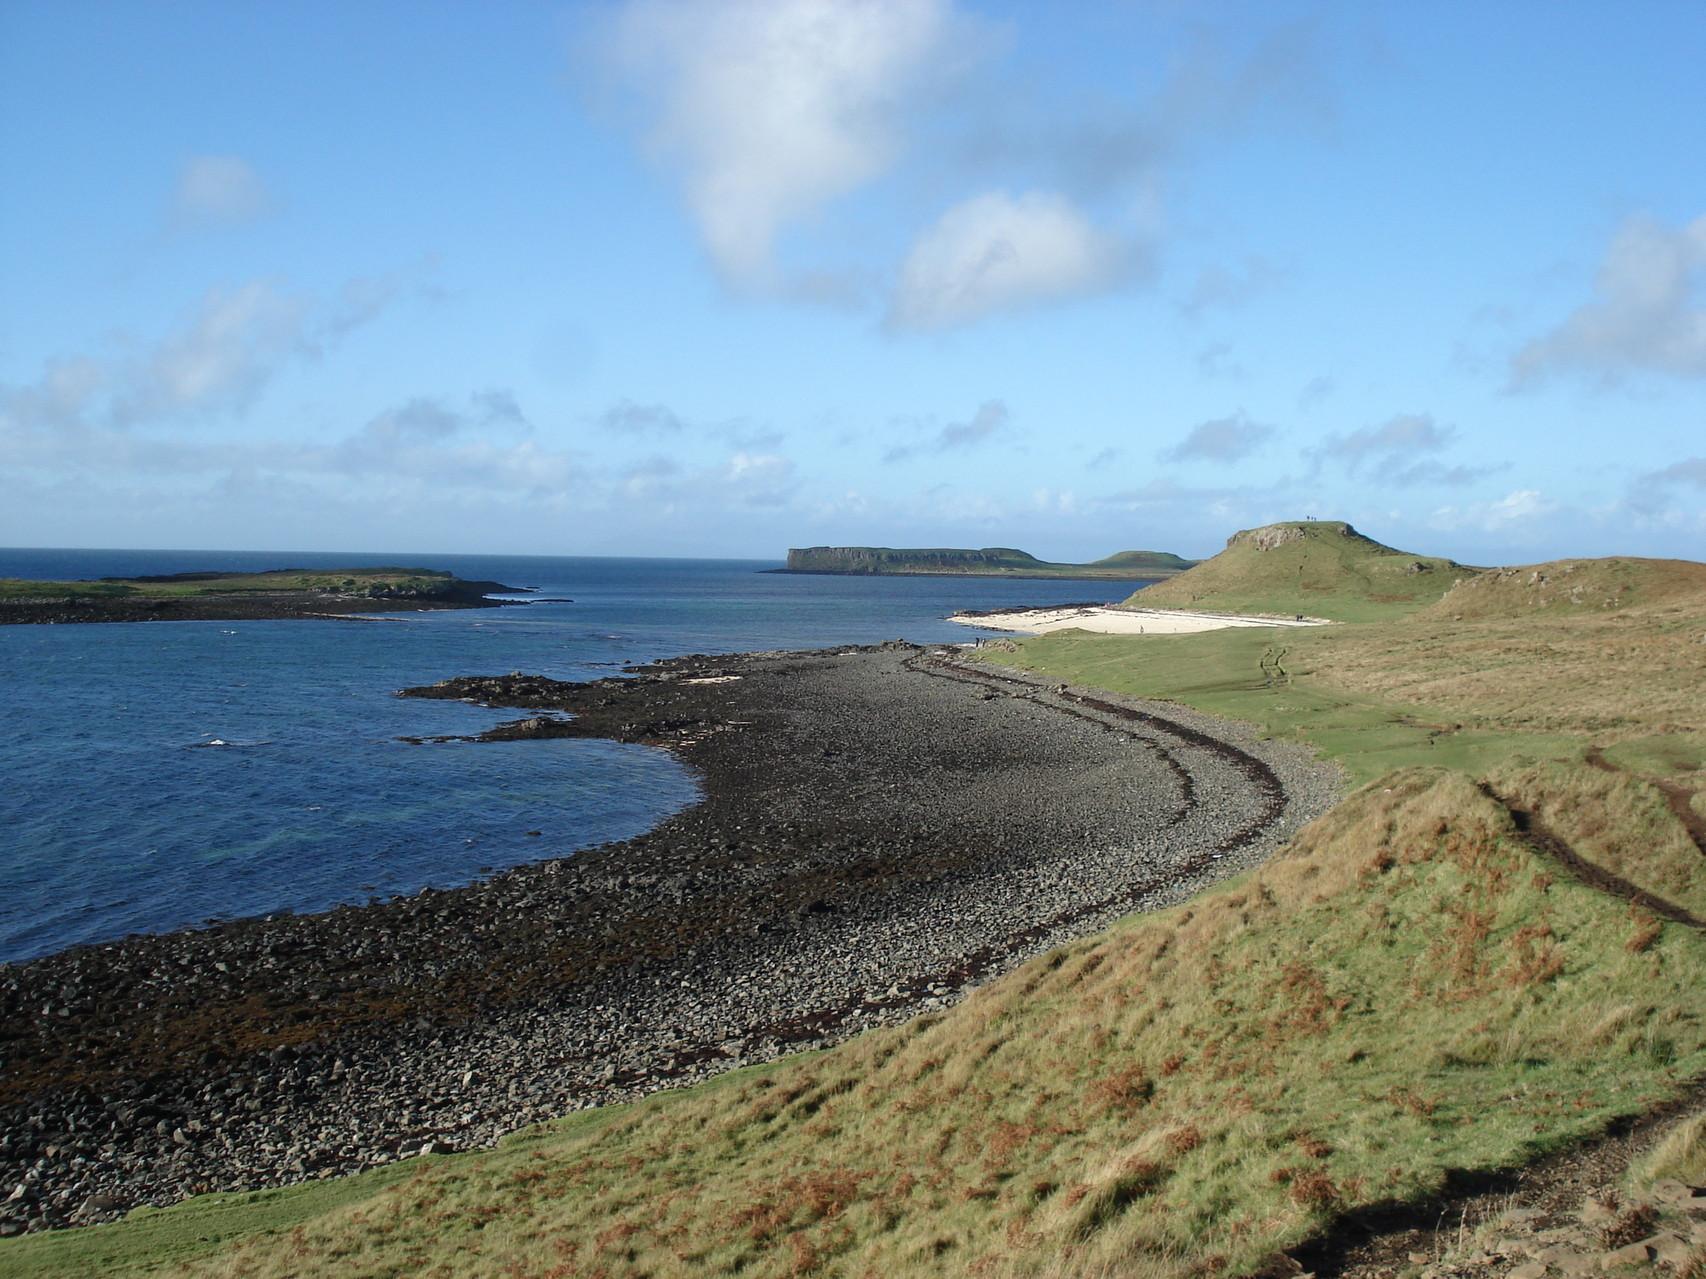 Korallen Strand im norden Schottlands